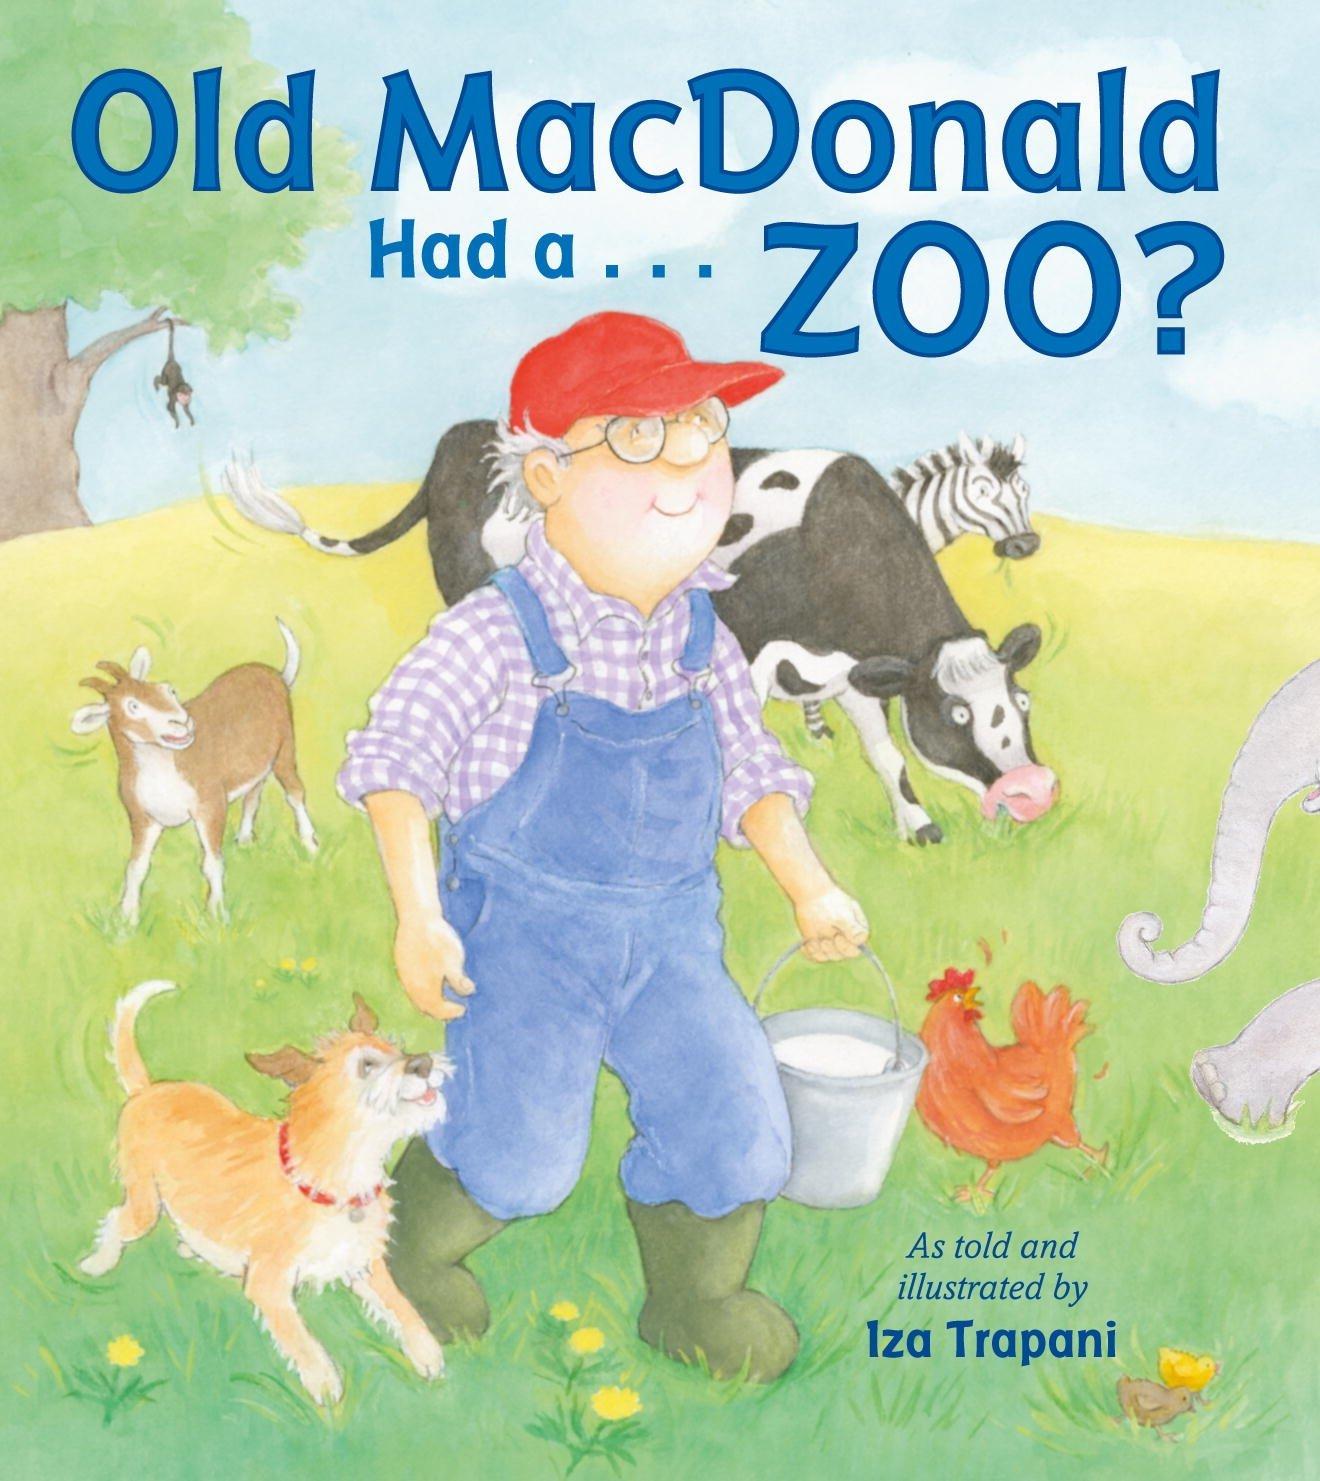 Old MacDonald Had a Zoo?